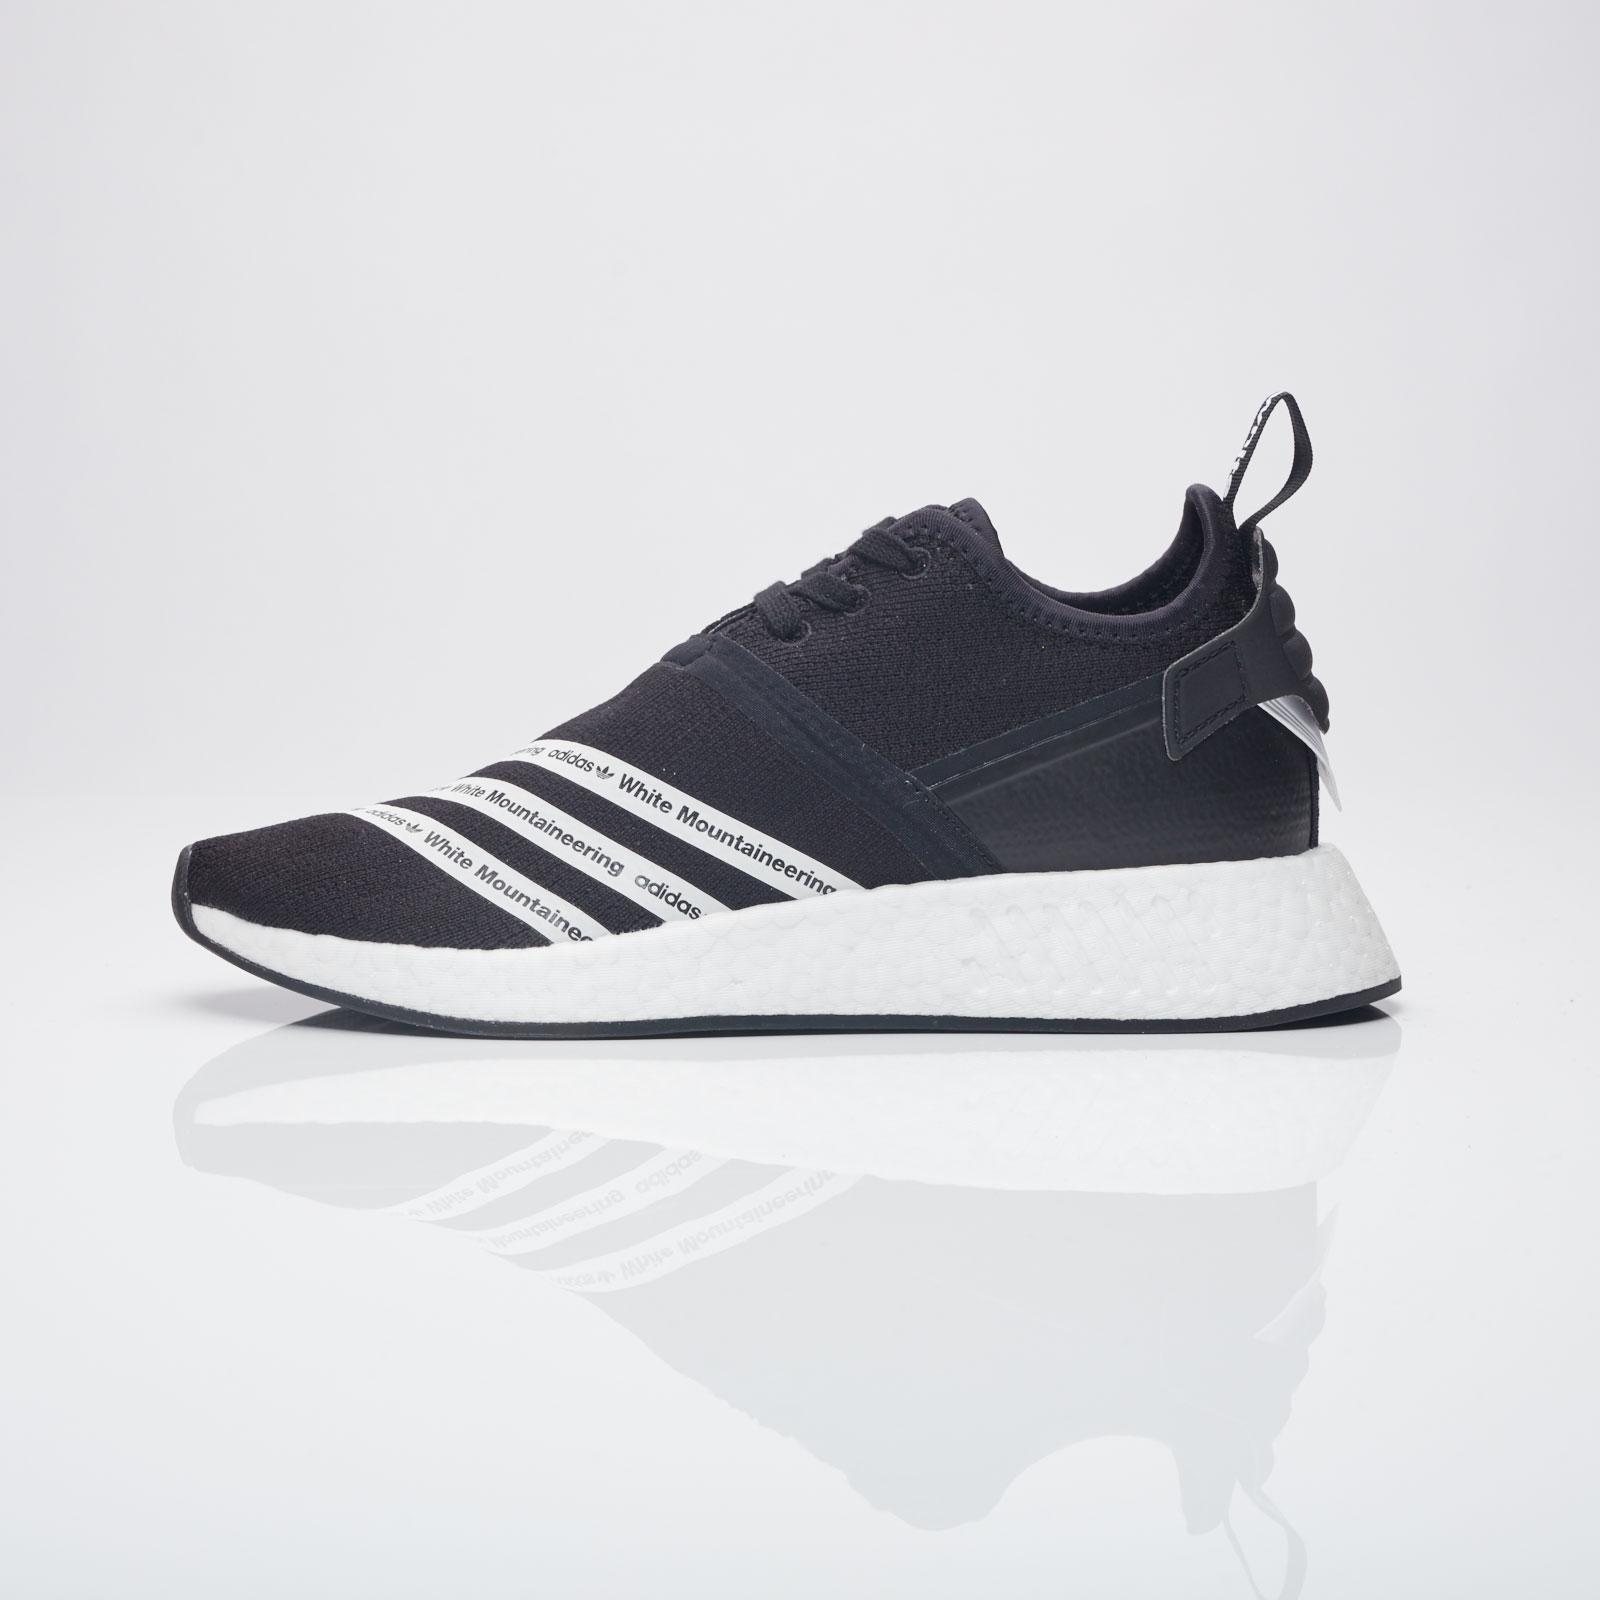 4d4d3e056 adidas Wm Nmd R2 Pk - Bb2978 - Sneakersnstuff